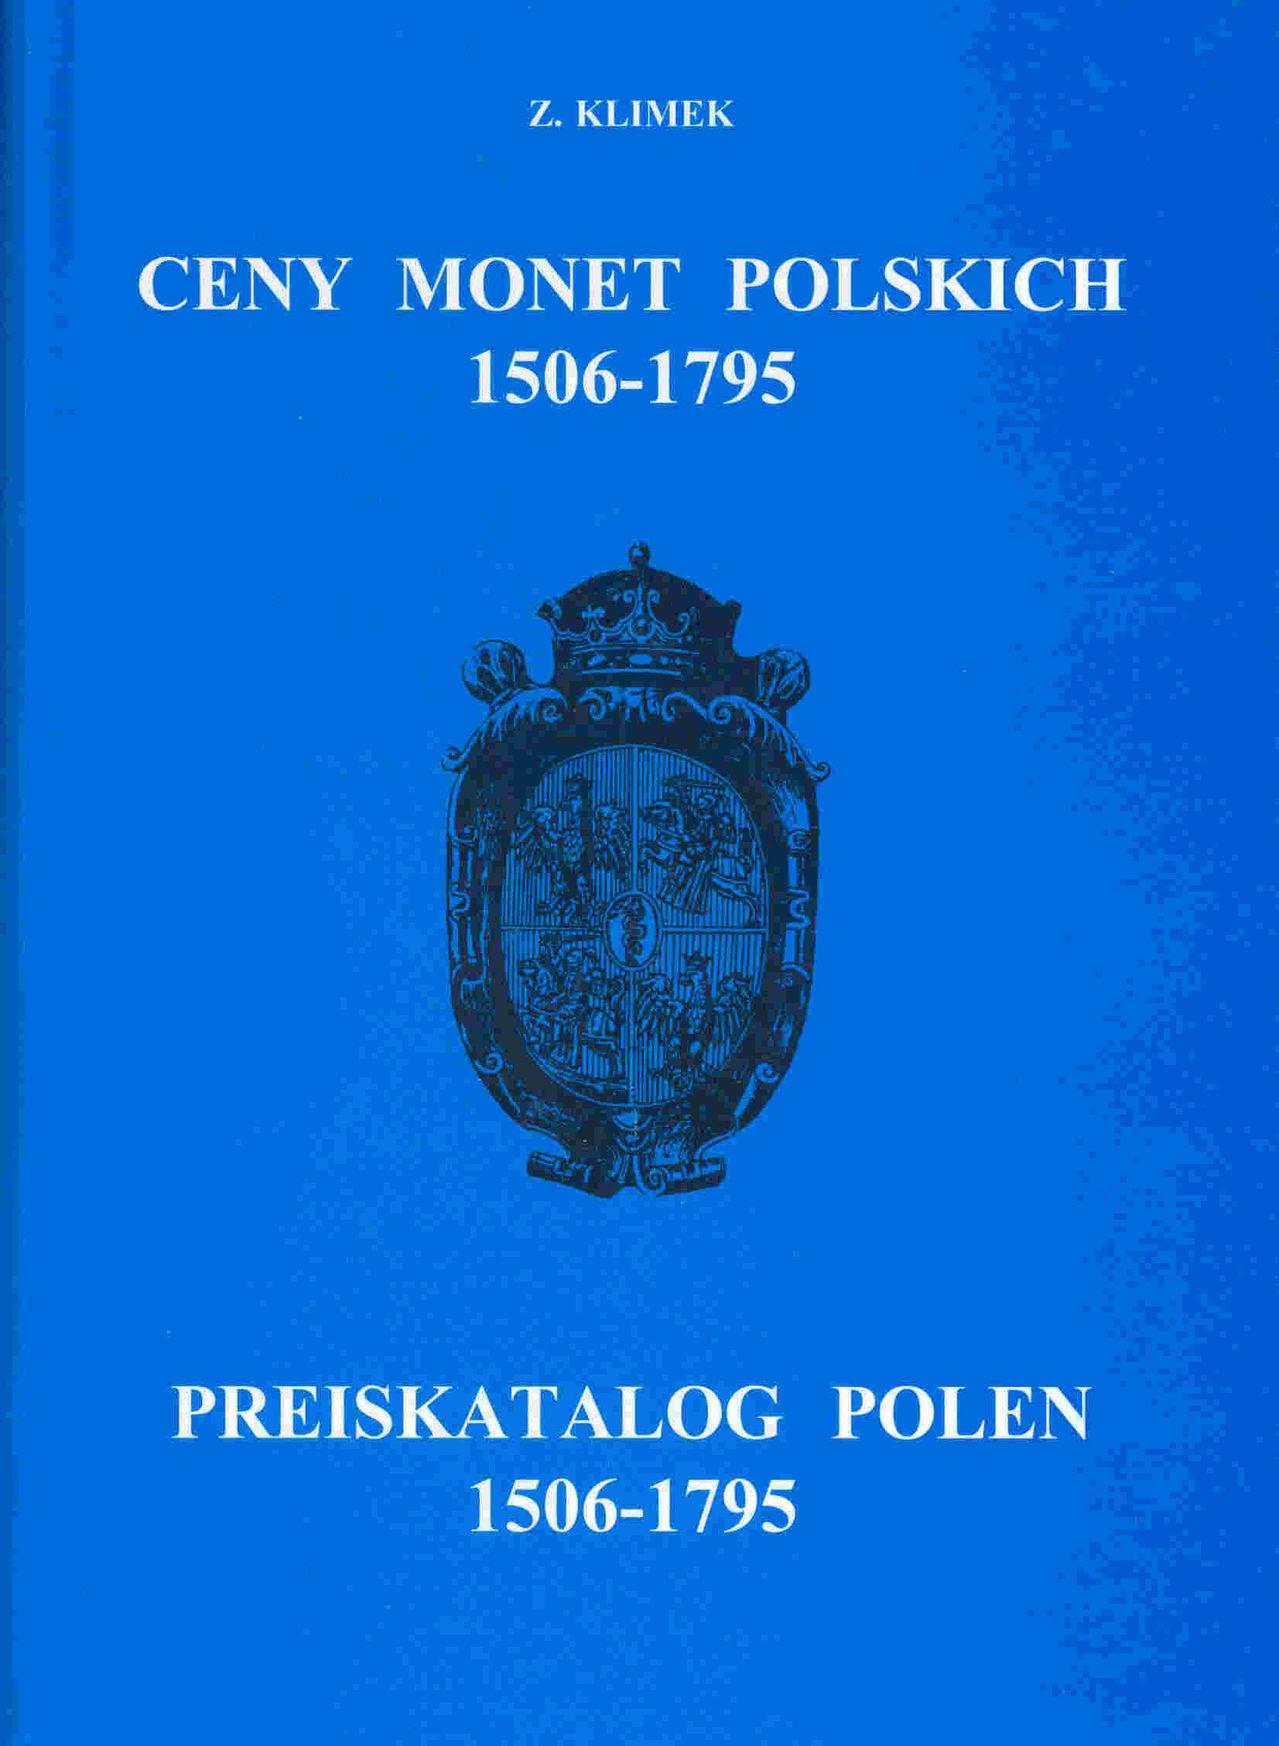 Catálogo especializado - Monedas de Polonia 1506-1795 [edicion 2001] Cat_logo_especializado_Monedas_de_Polonia_1506